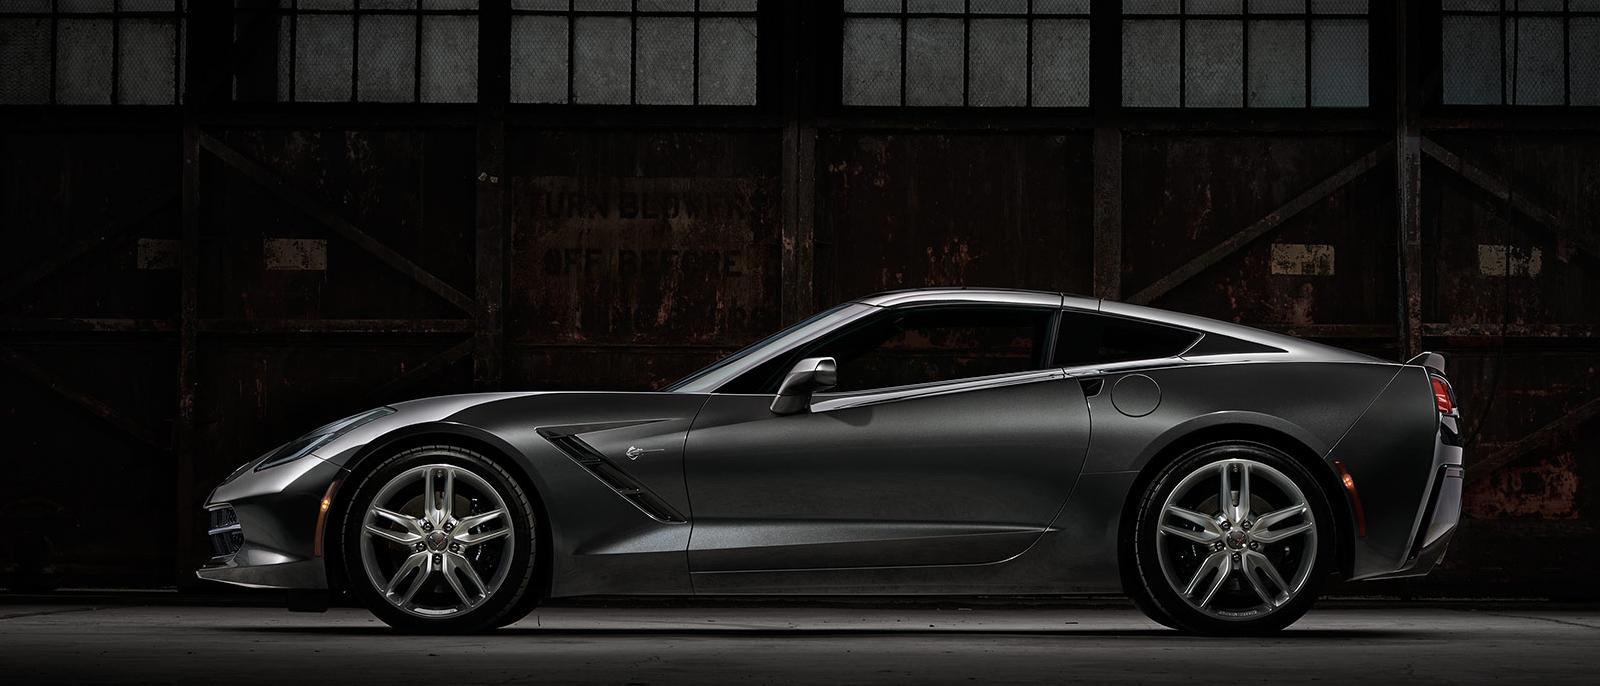 2017-Chevrolet-Corvette-Stingray-slide1-1-1